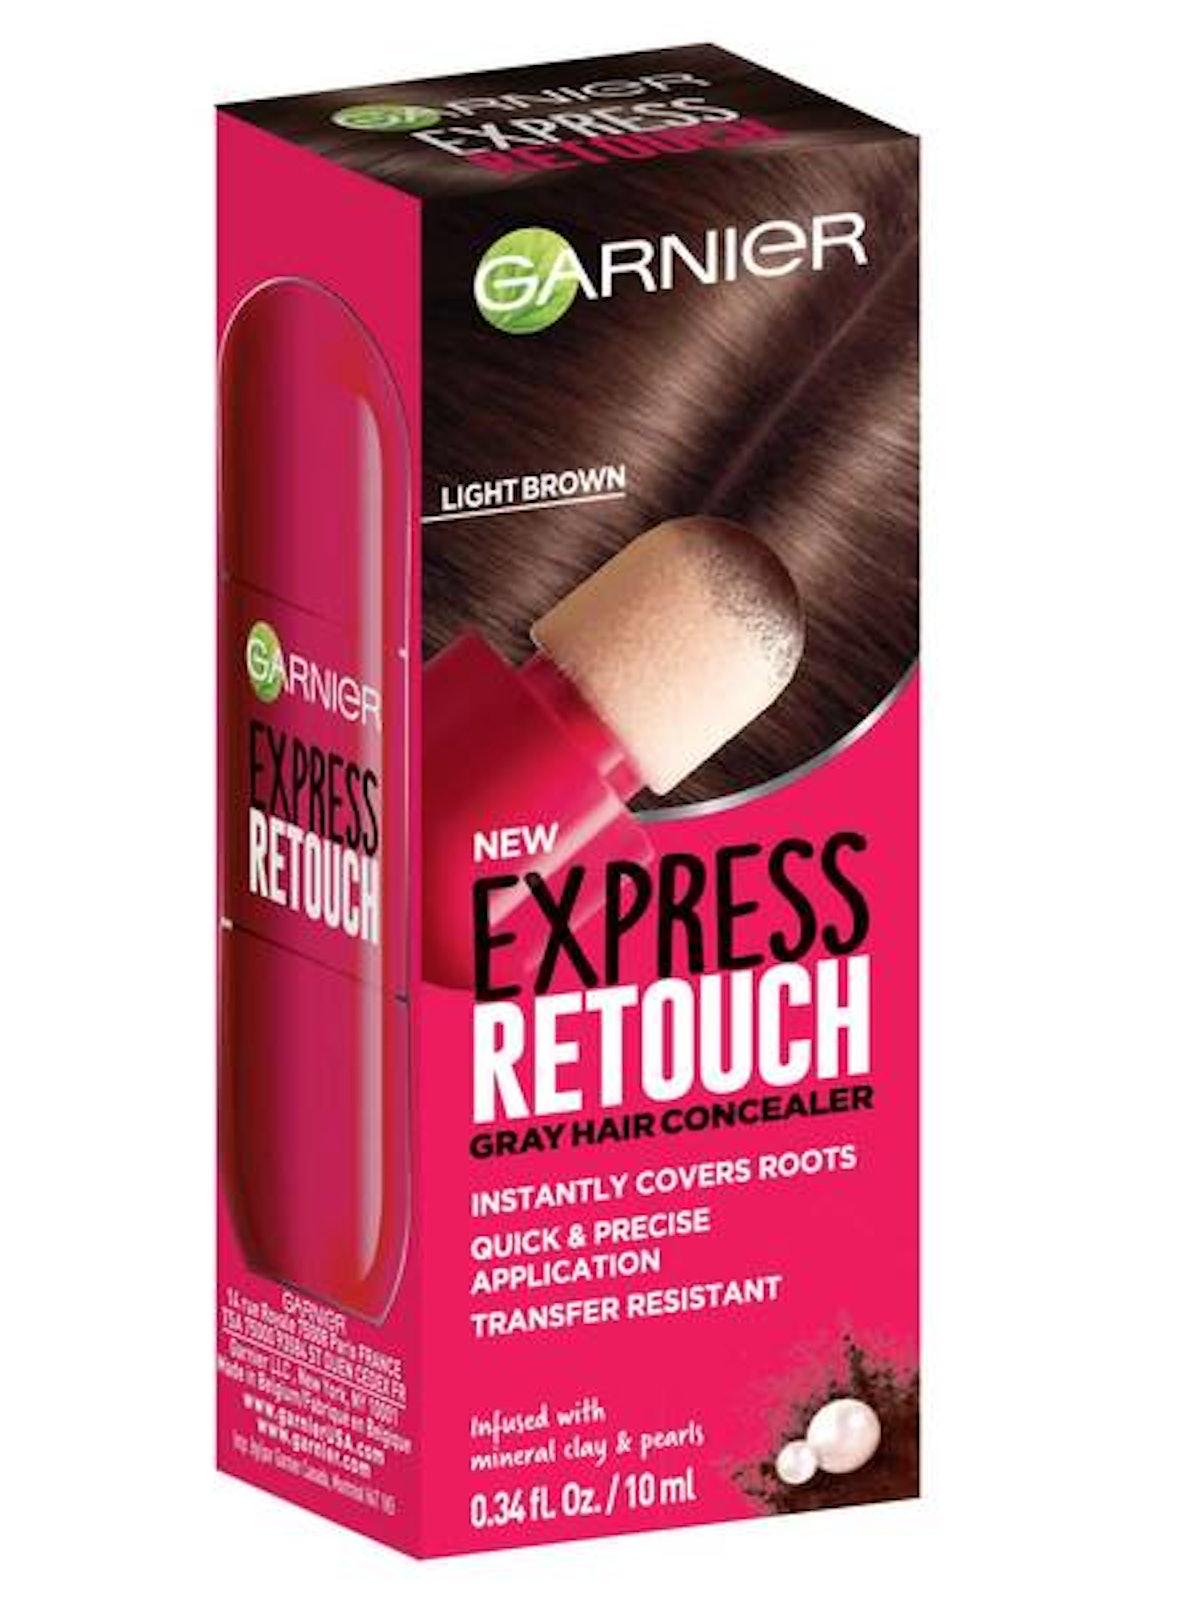 Garnier Express Retouch